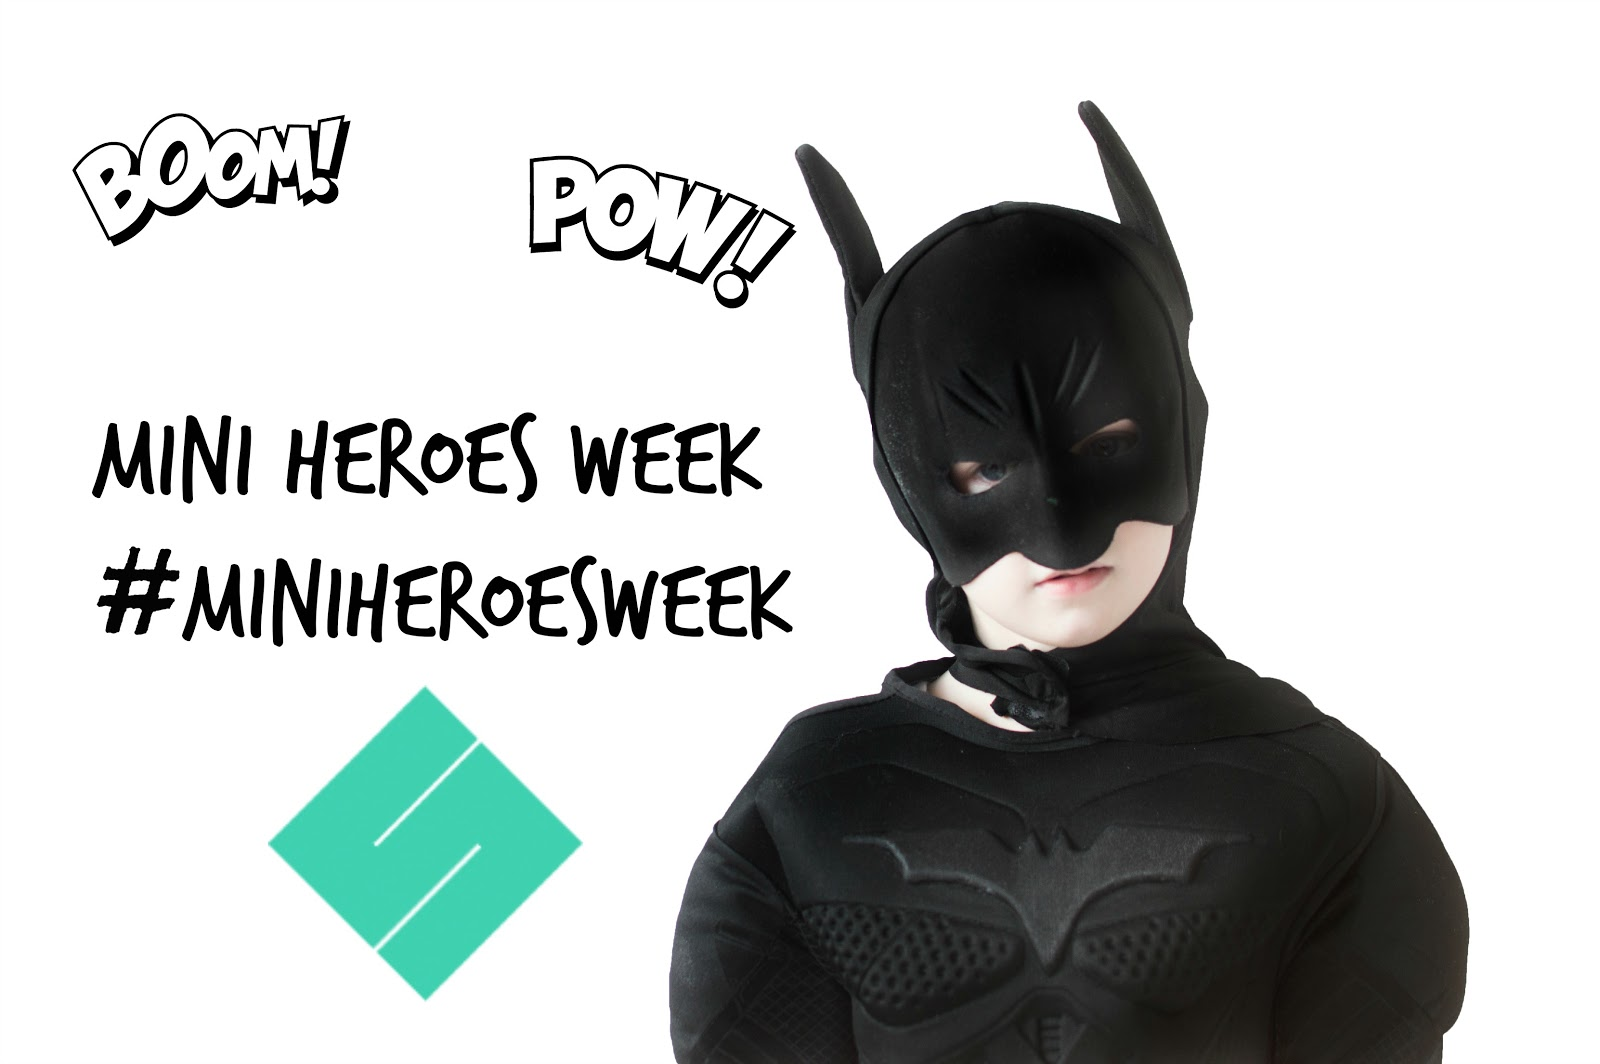 MINI SUPERHEROES WEEK